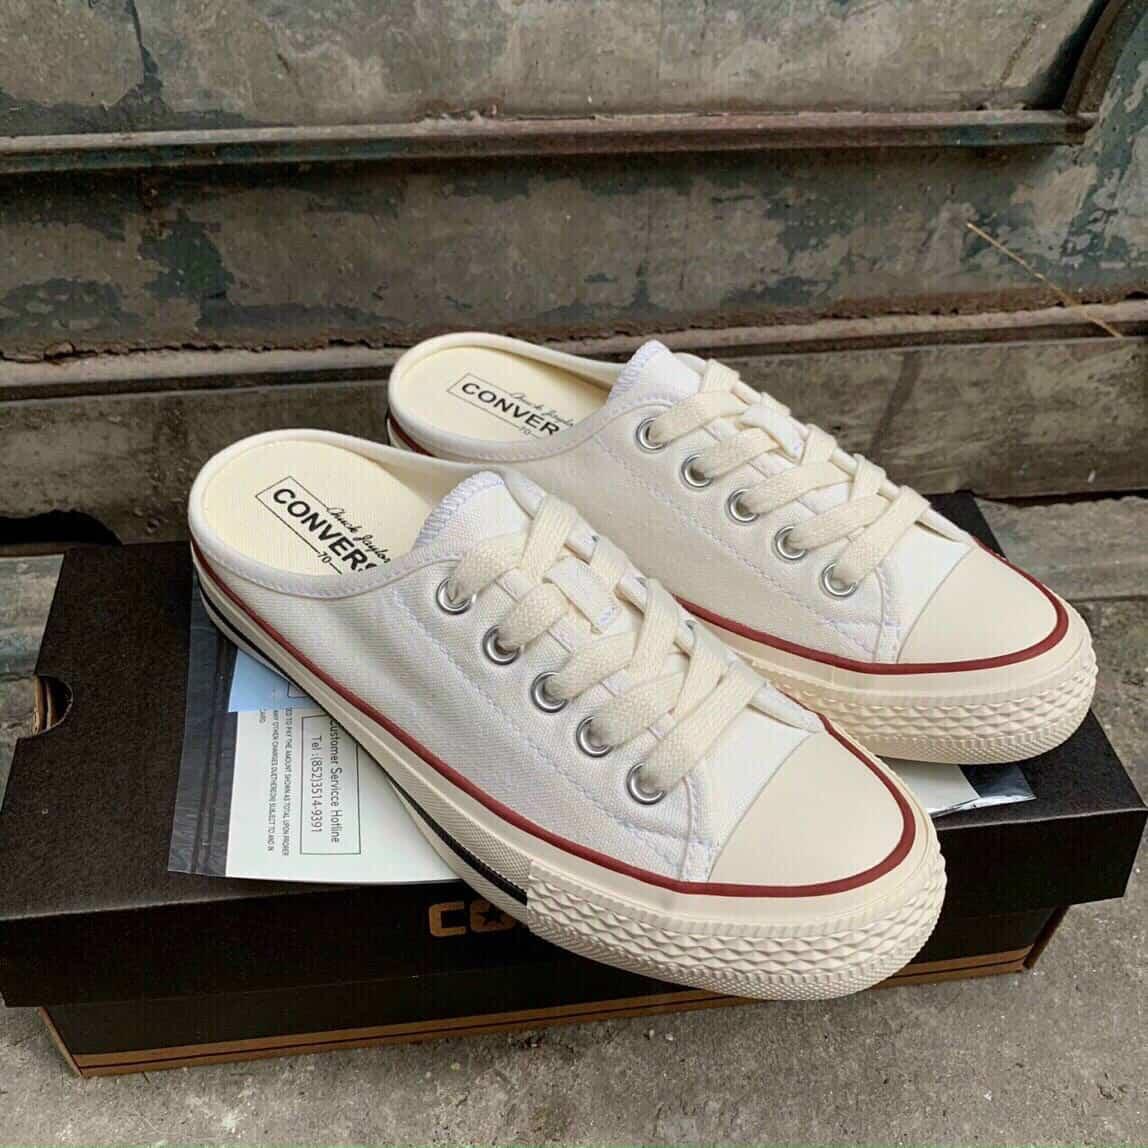 Giày Converse có đế cao su, mũi giày tròn và trơn rất đặc biệt